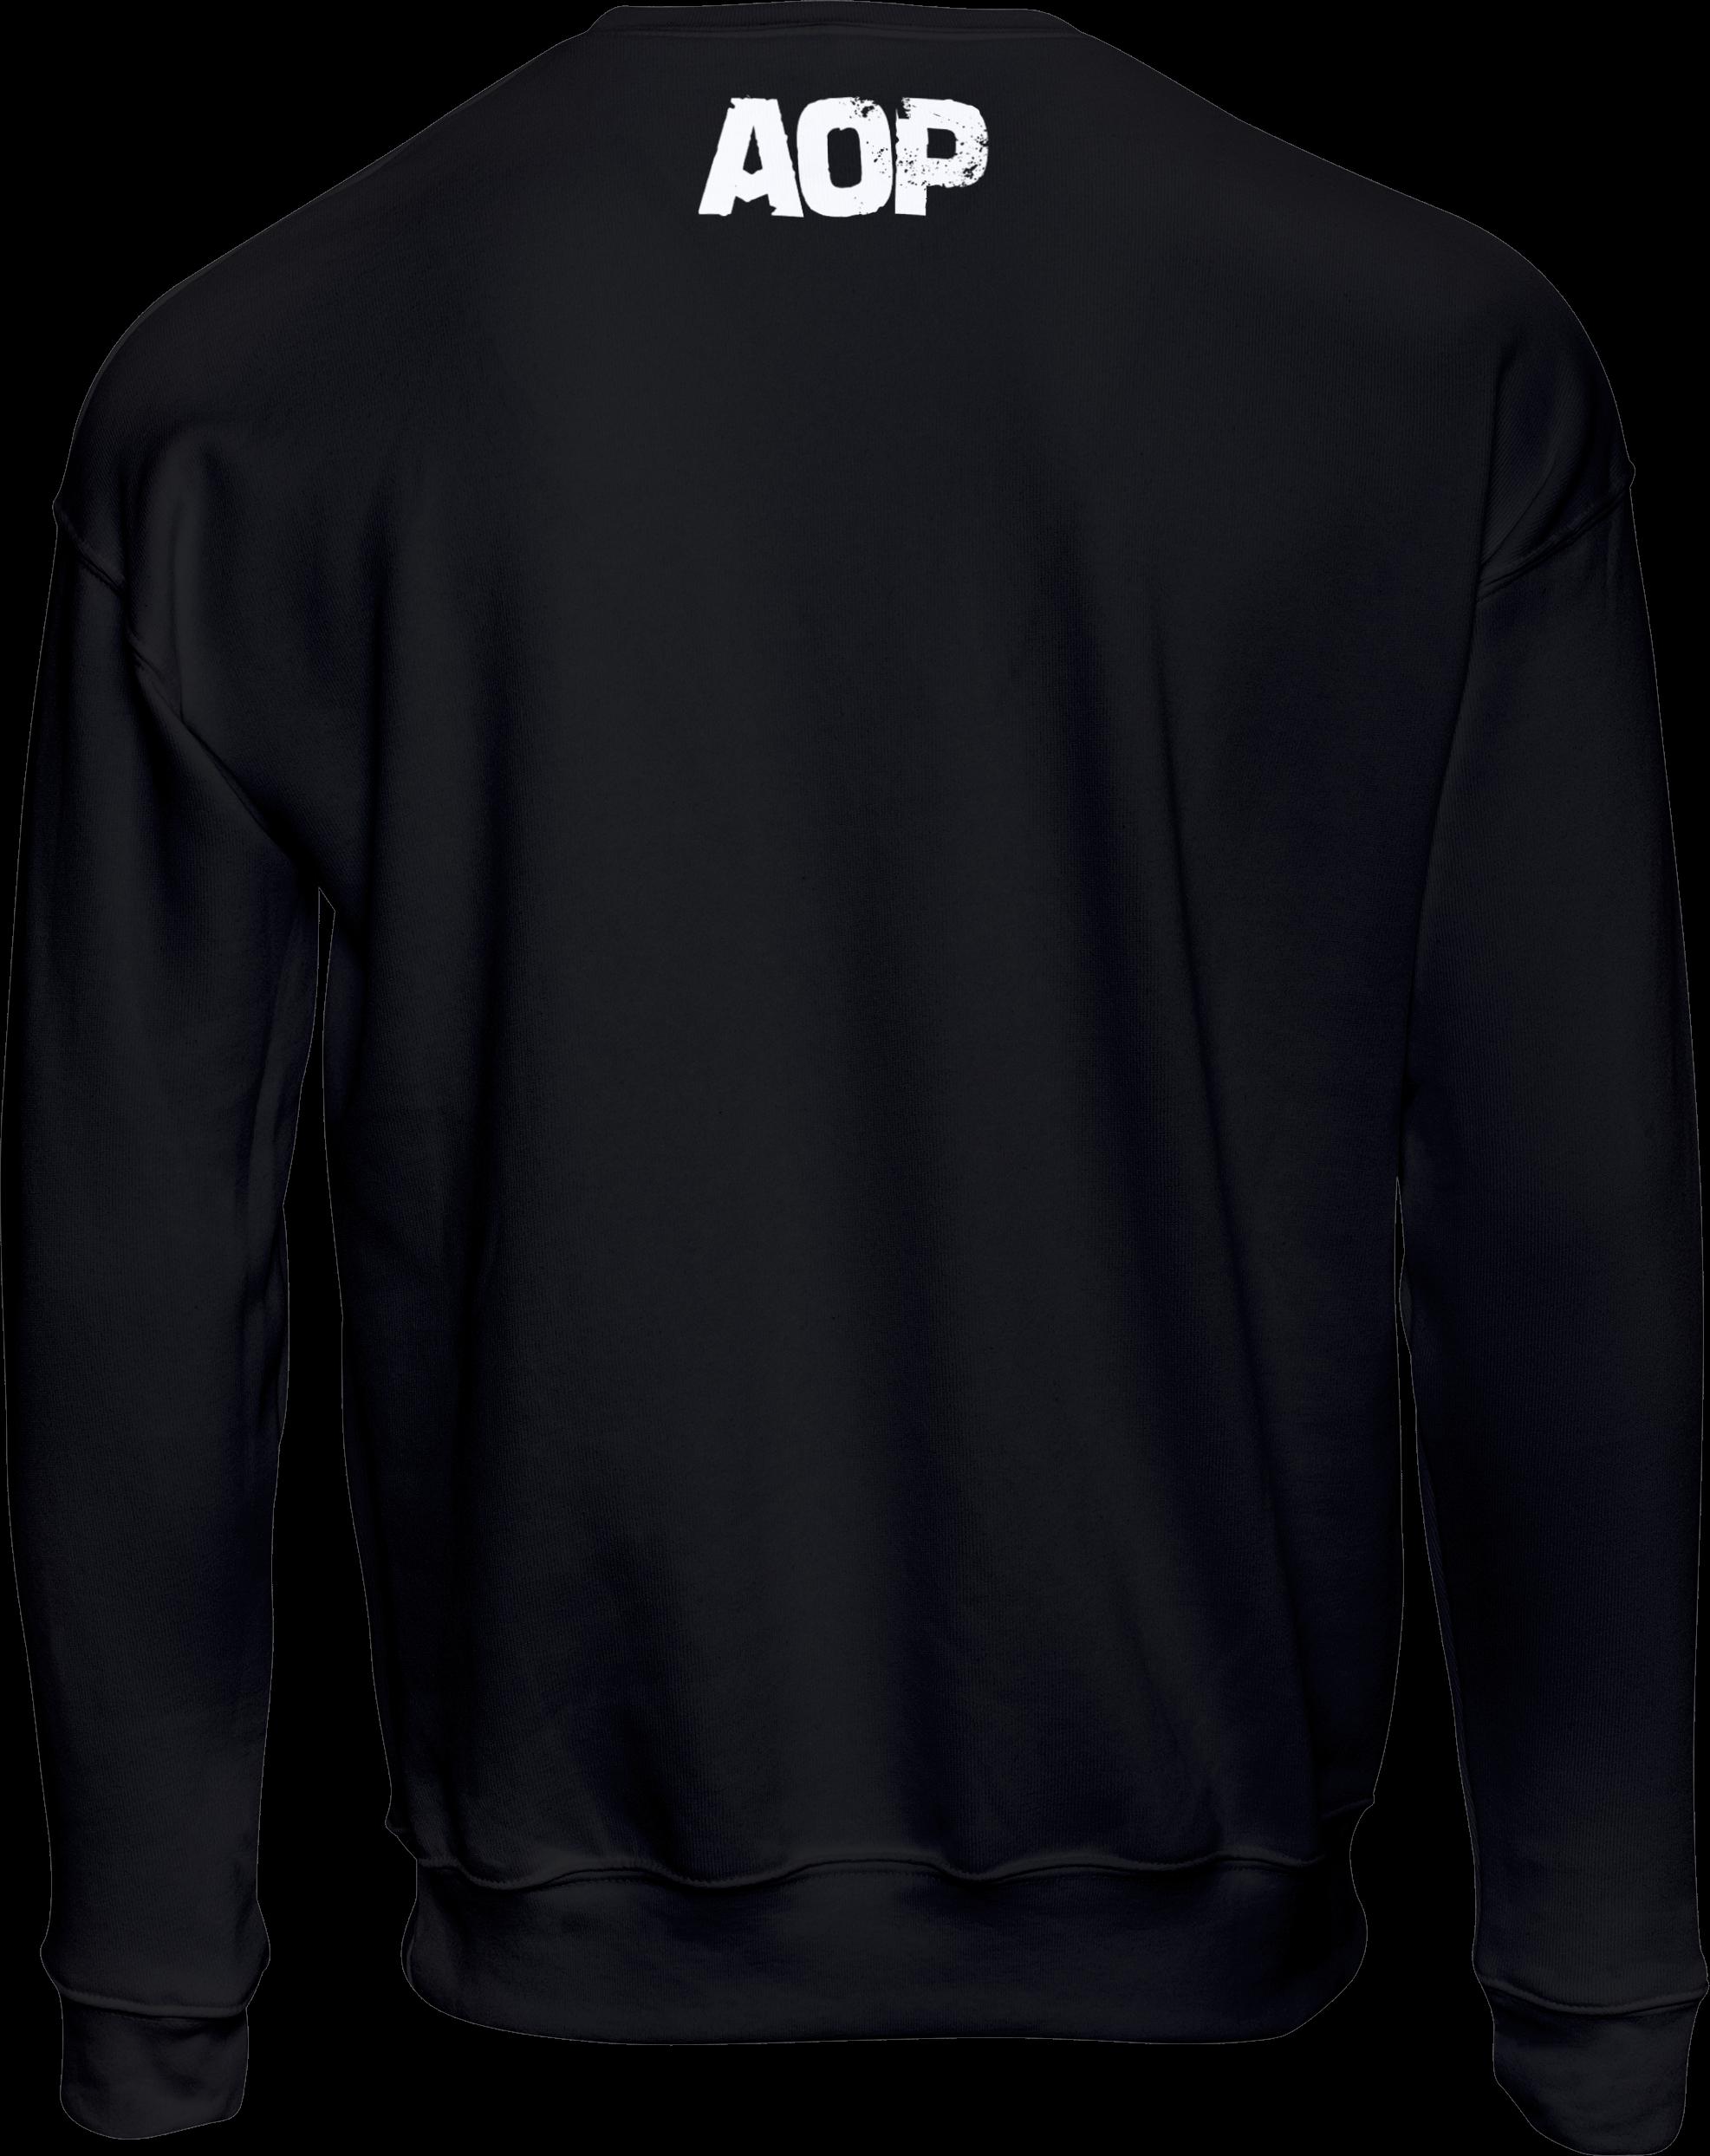 AOP – Unsere Lieder – Sweatshirt (schwarz)